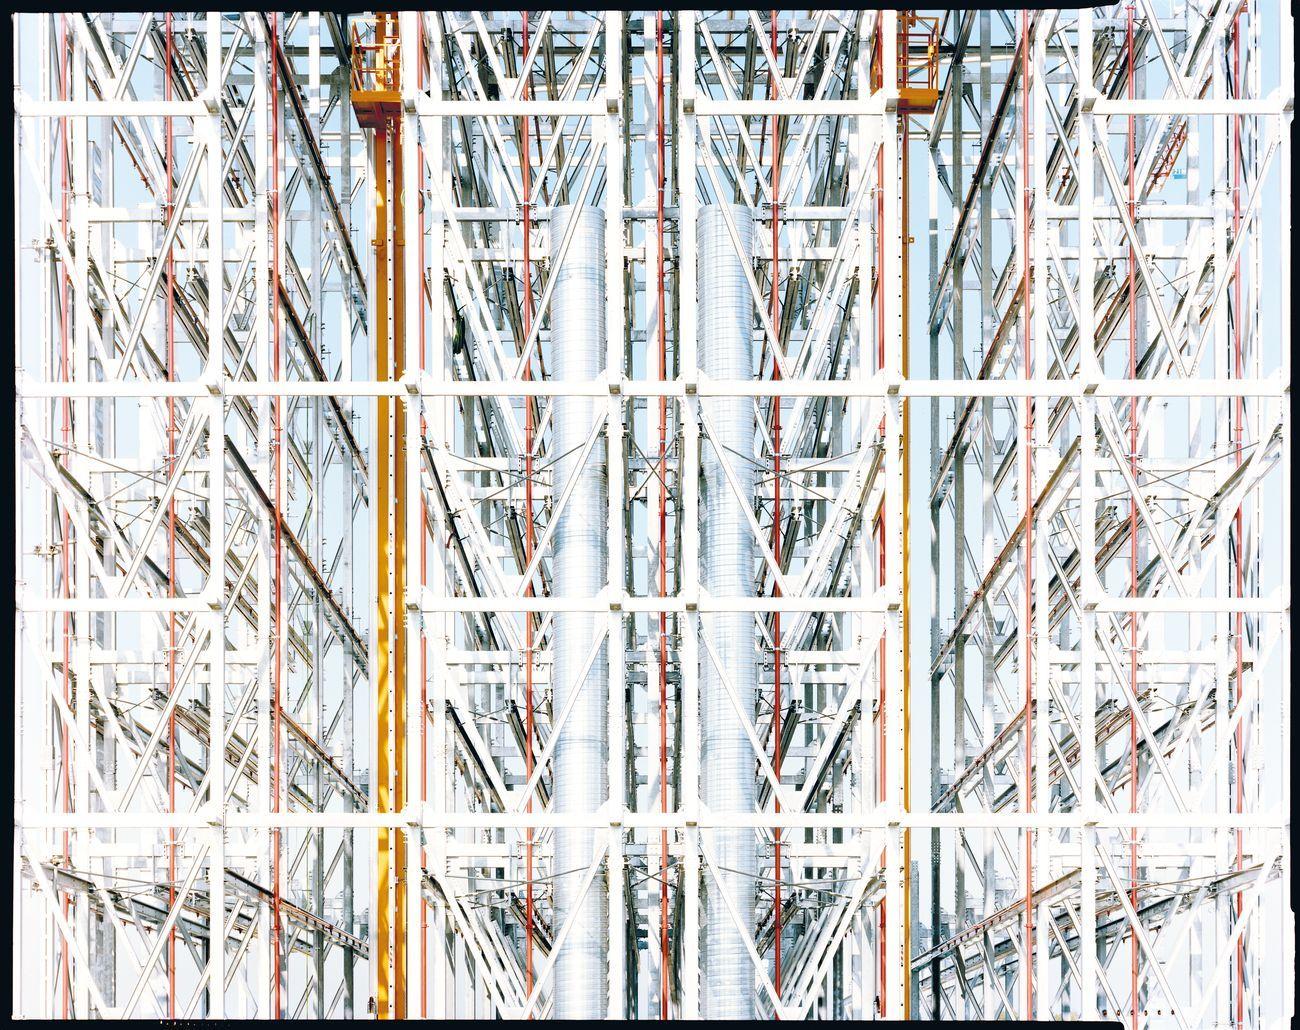 Carlo Valsecchi, # 01038 Crespellano, Bologna, IT, 2017, stampa C Print, cm 180 x 220